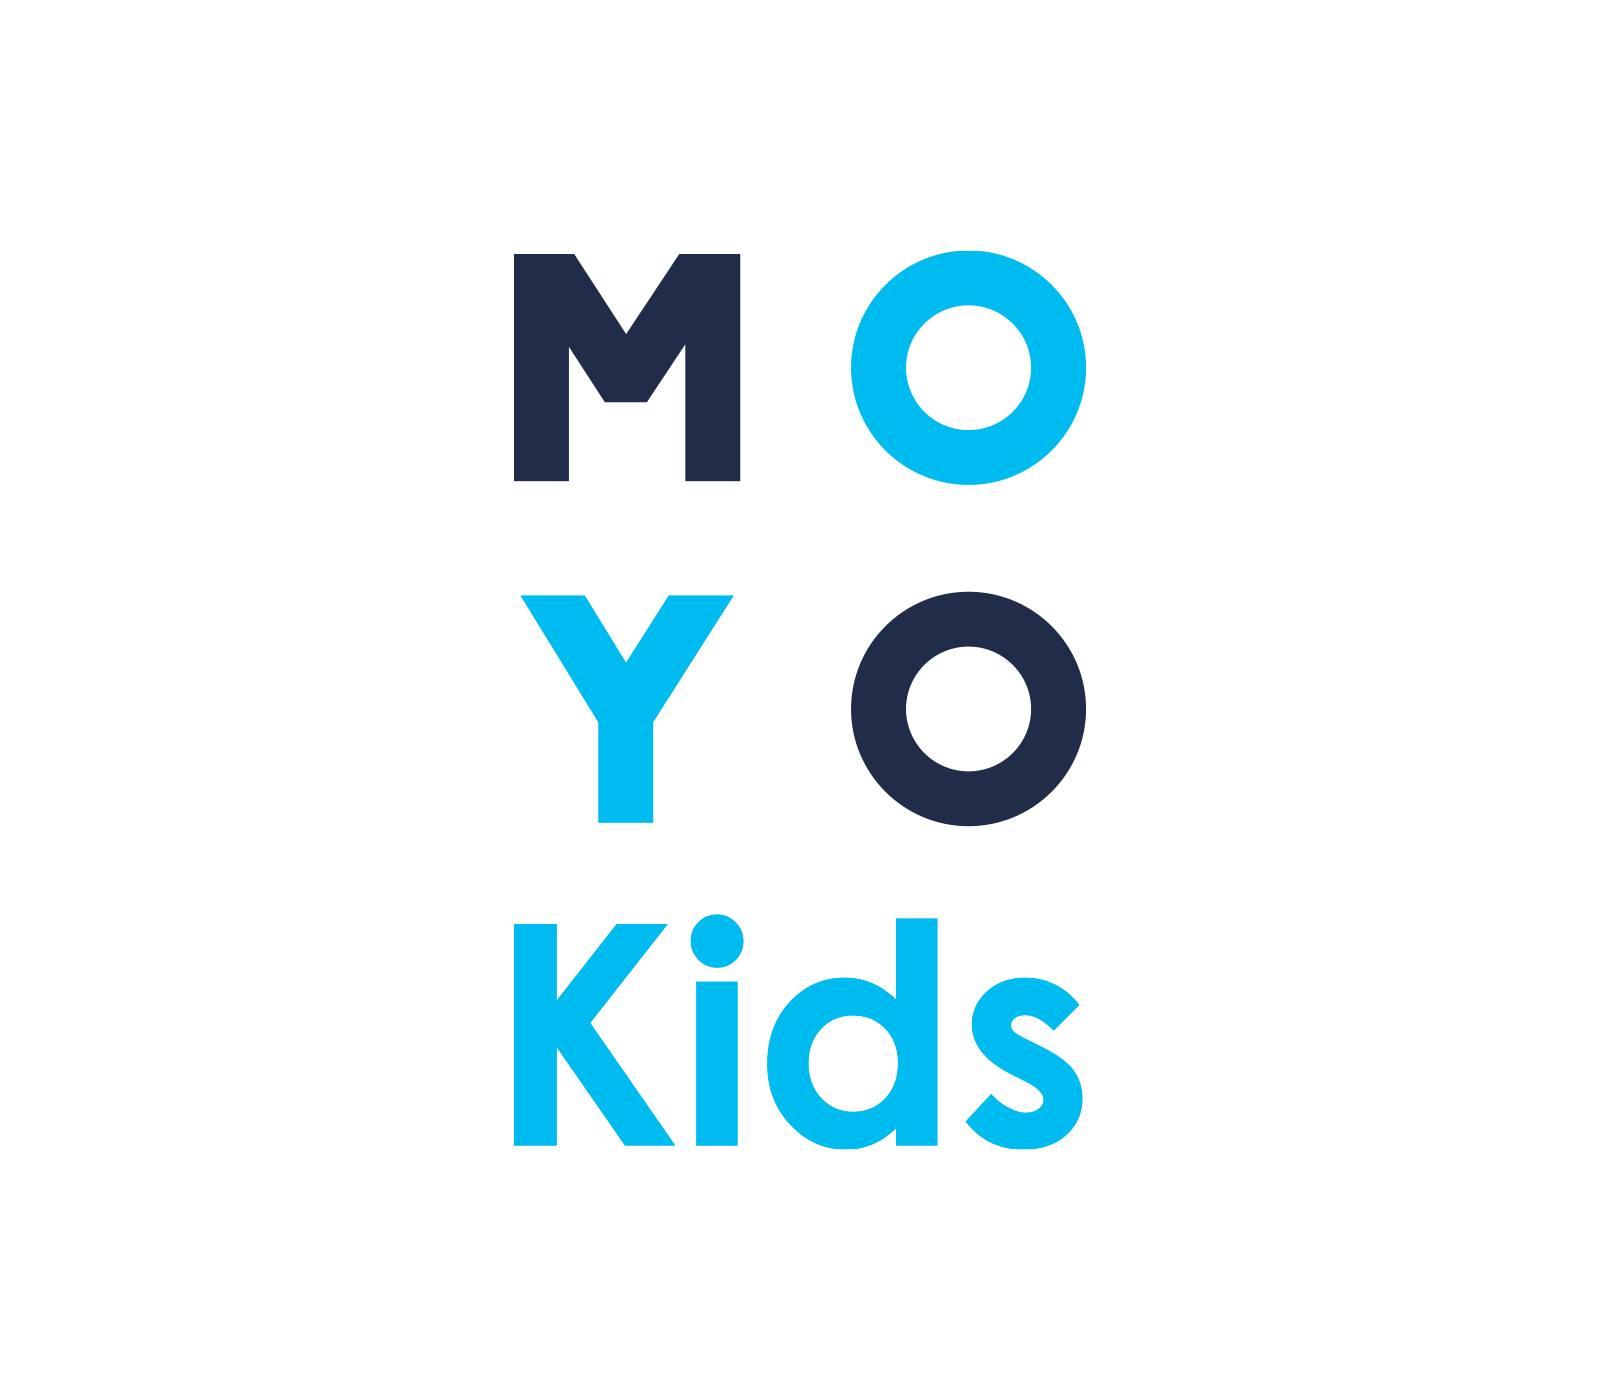 Moyo Kids